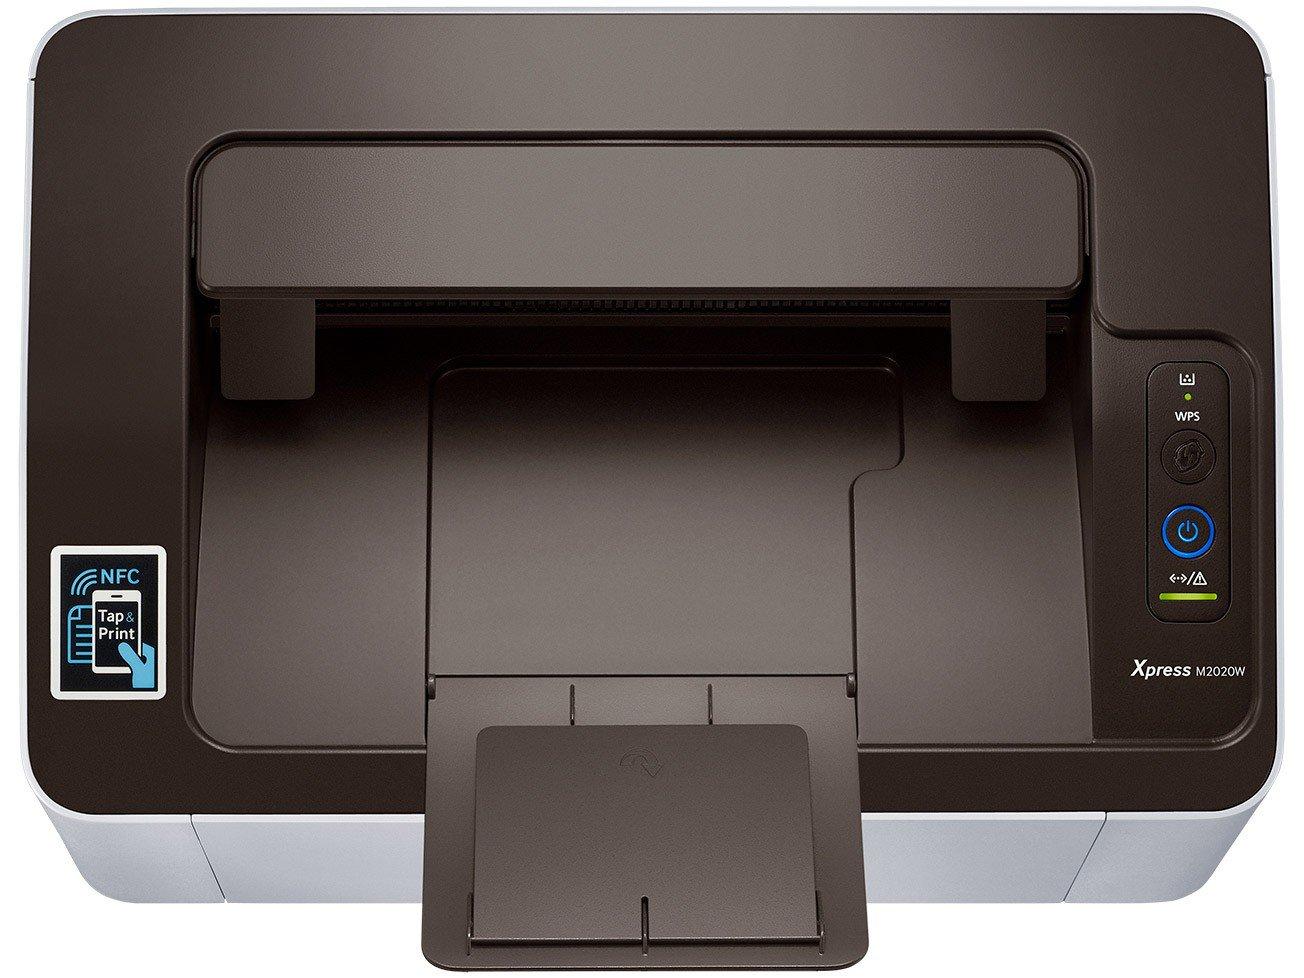 Foto 6 - Impressora Samsung Xpress SL-M2020W Laser - Wi-Fi USB NFC